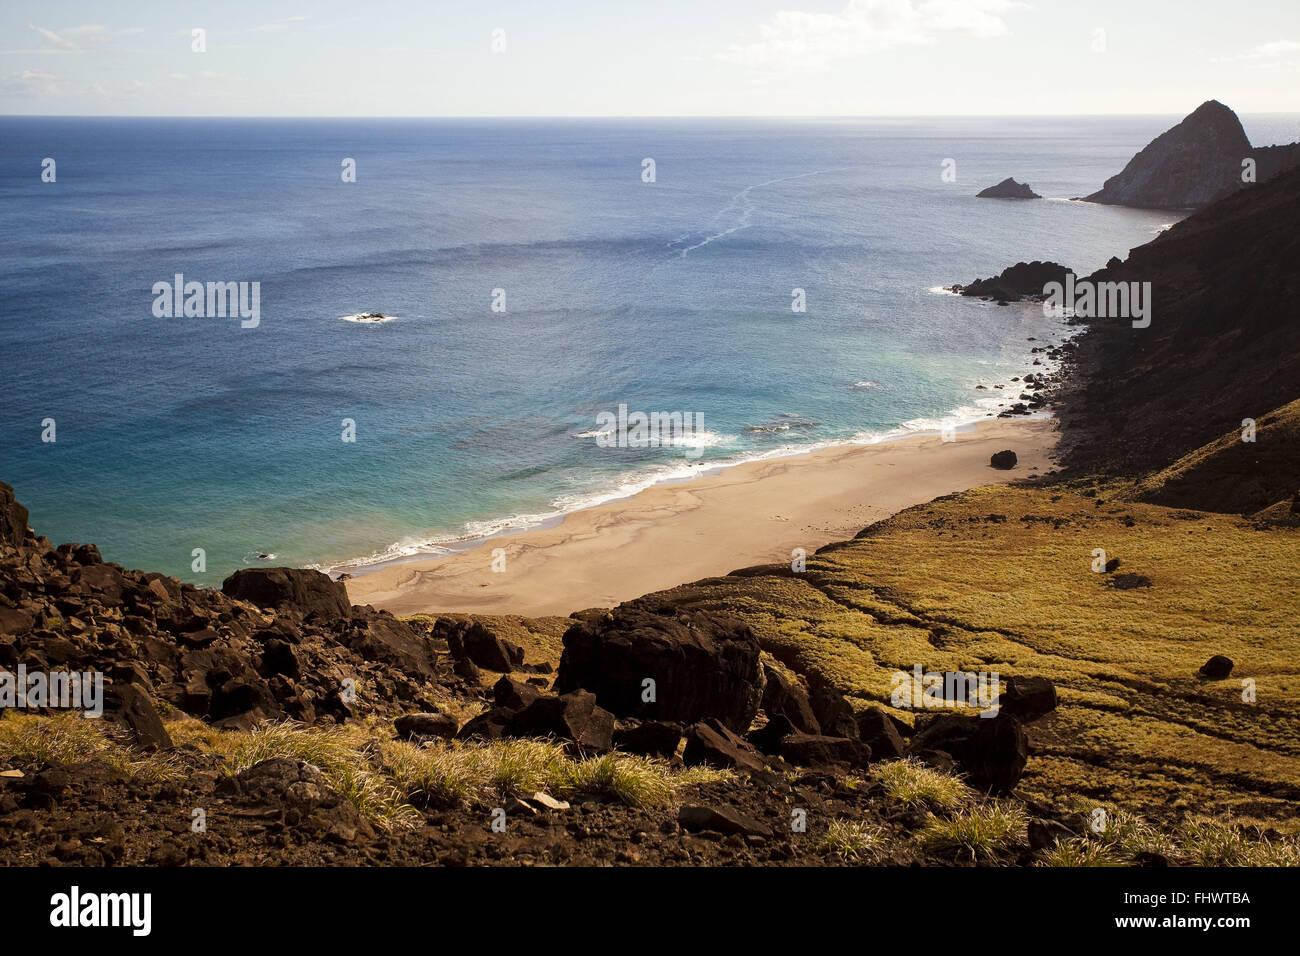 Ilha da Trindade con oceano Atlantico in background Immagini Stock